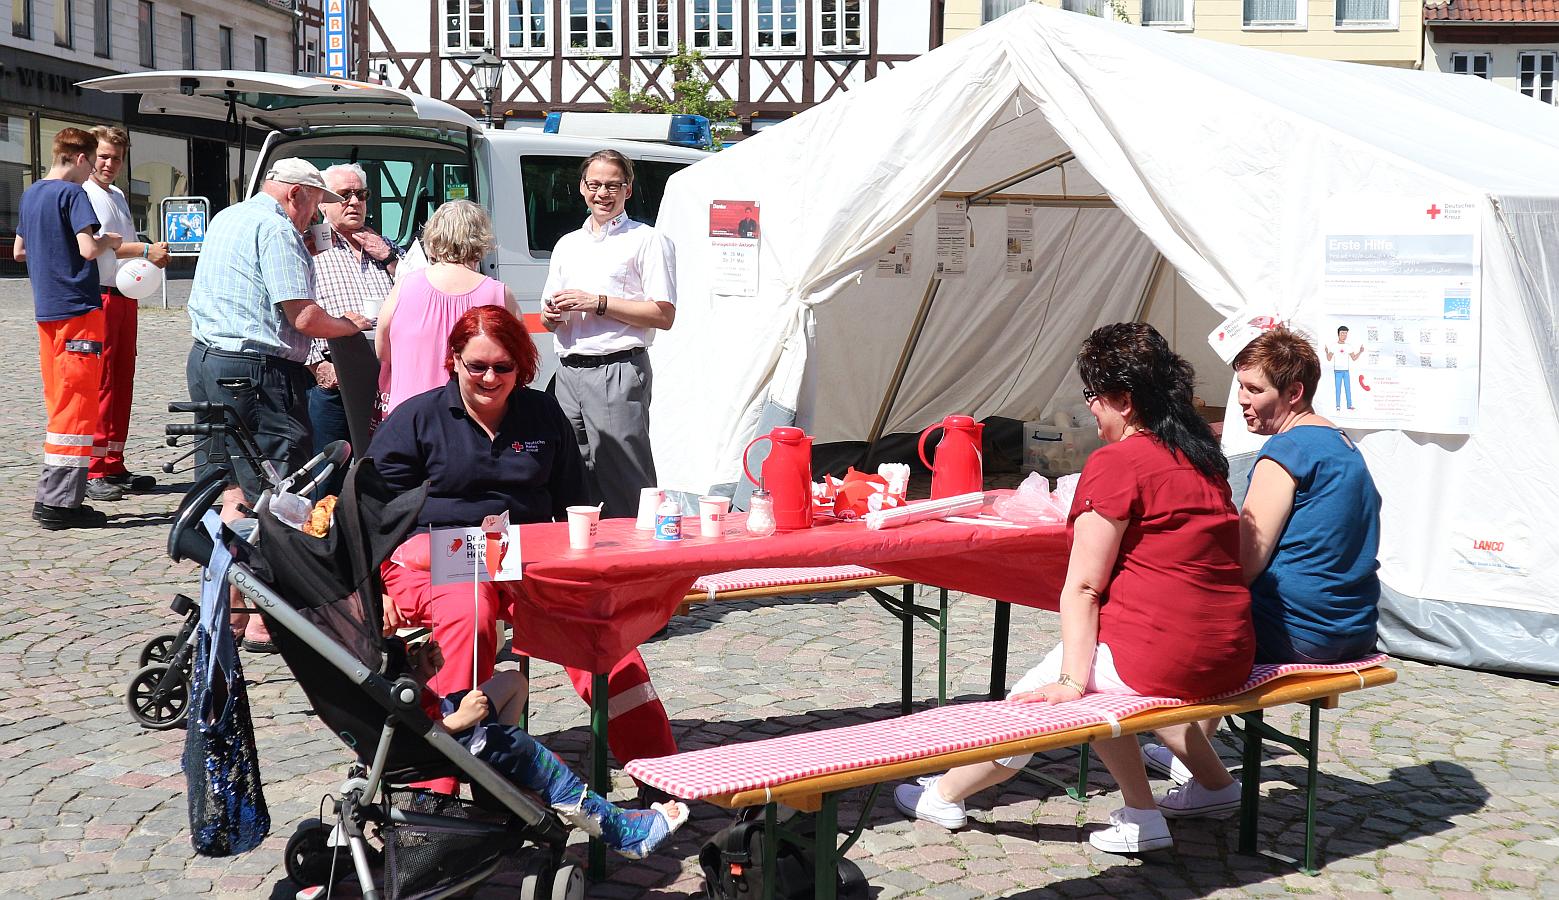 Am 8. Mai wird auf dem Schöninger Markt wieder der Weltrotkreuztag gefeiert.